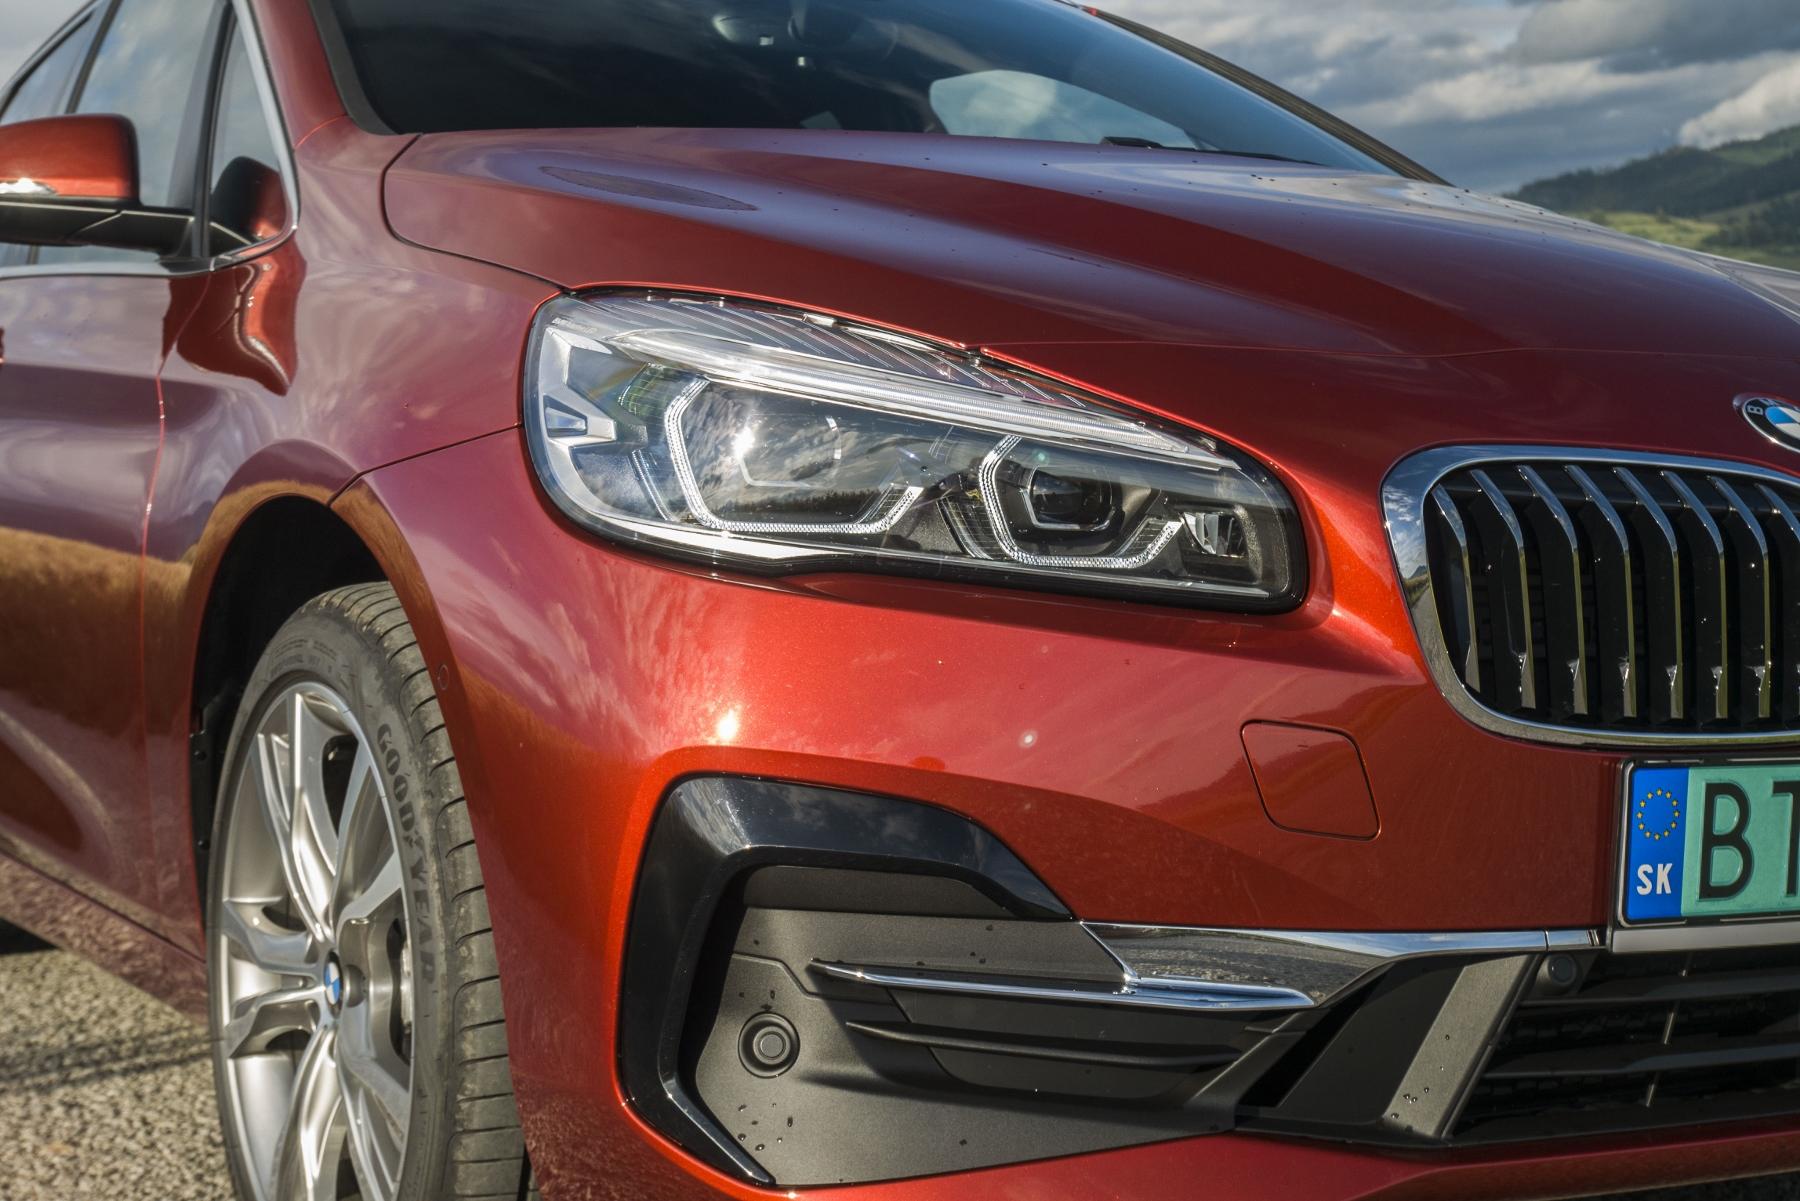 BMW 225 xe (3)